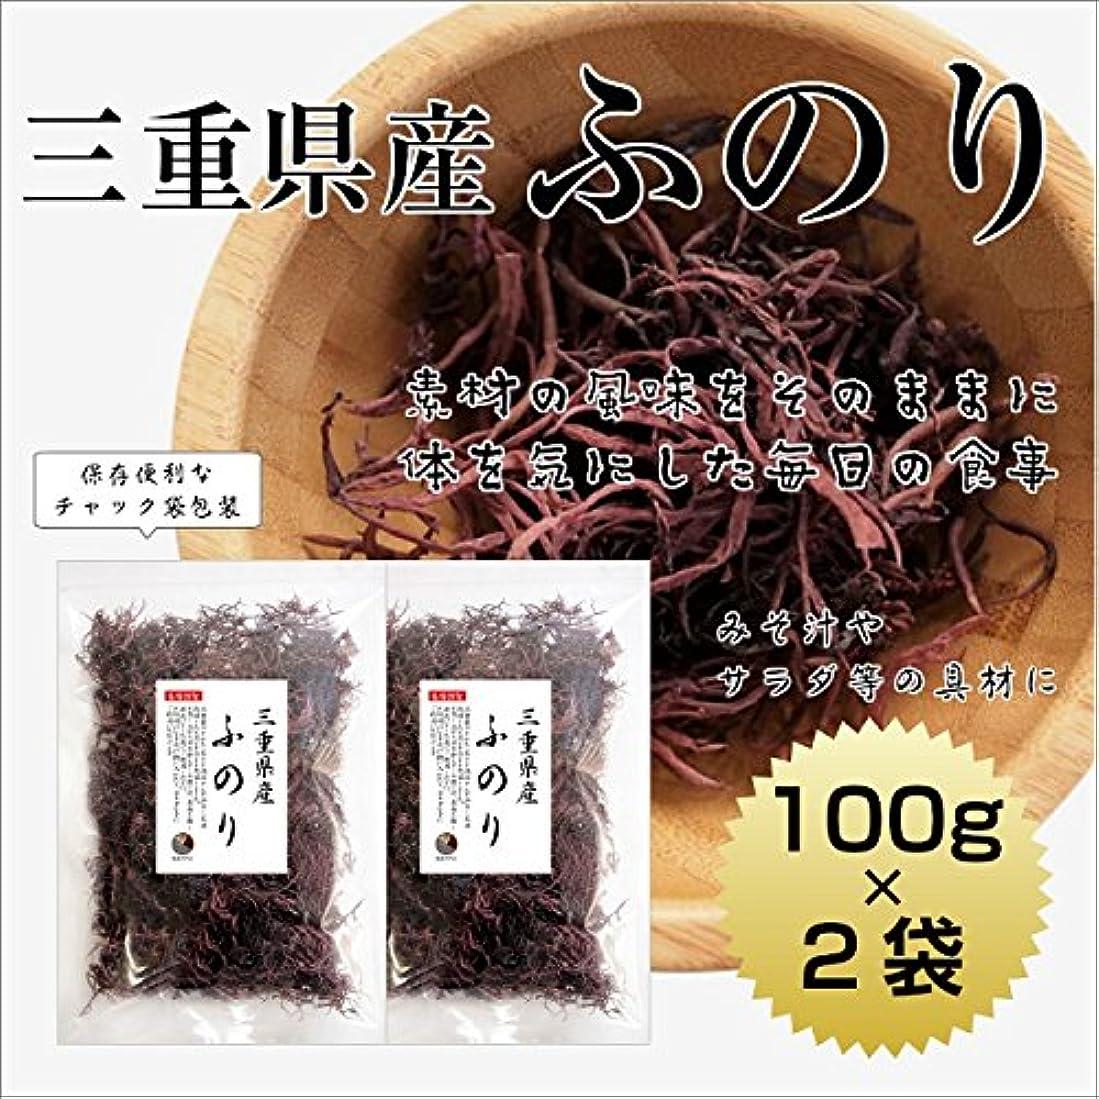 ラッチ増強する取得するふのり(三重県産)100g×2袋 国産 三重県 ふのり 海藻